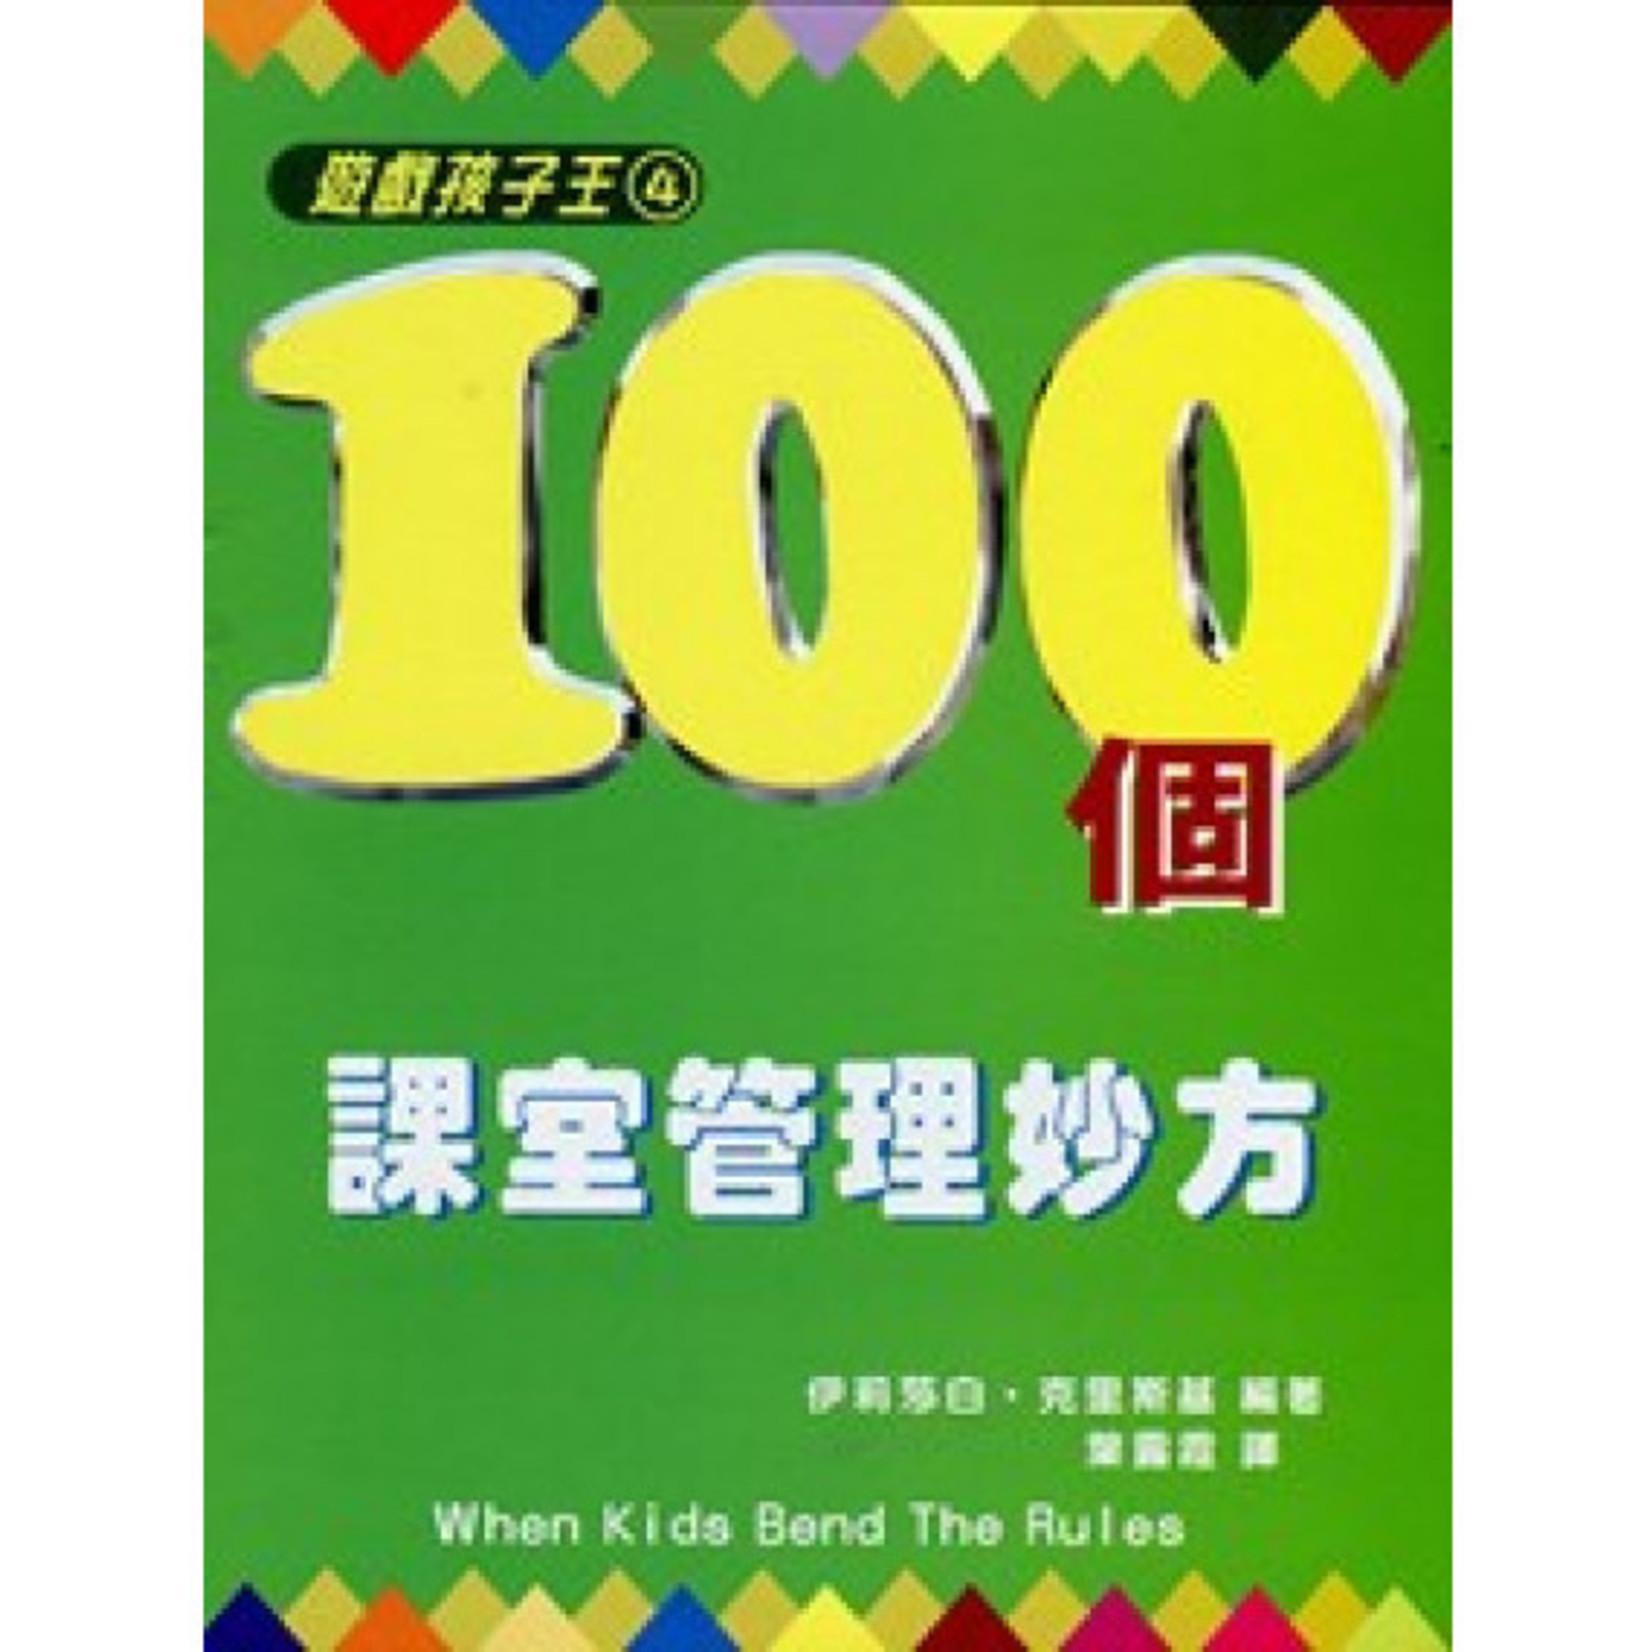 中國主日學協會 China Sunday School Association 遊戲孩子王4:100個課室管理妙方 When kids bend the rules